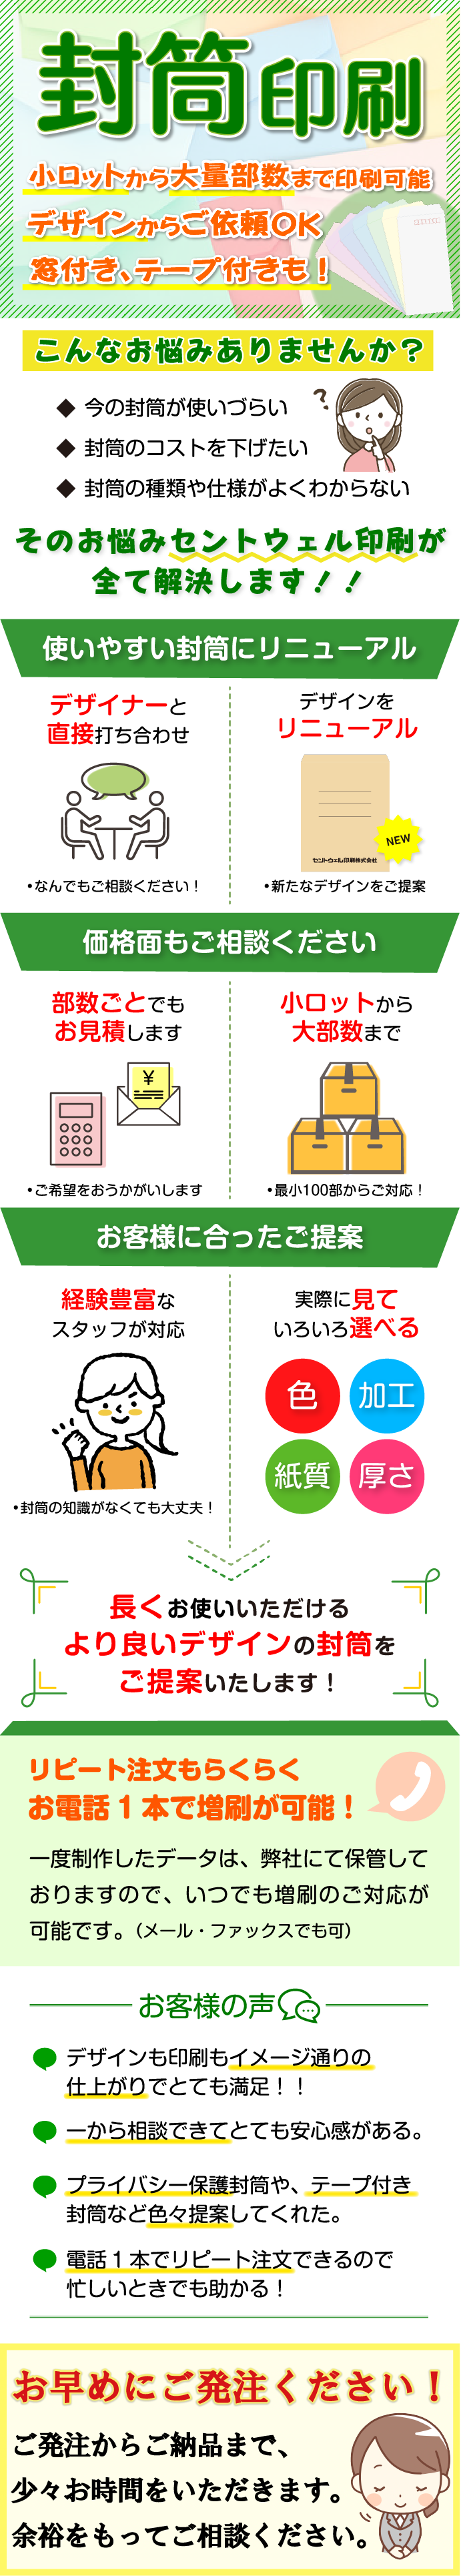 封筒の印刷を大阪でするならセントウェル印刷株式会社